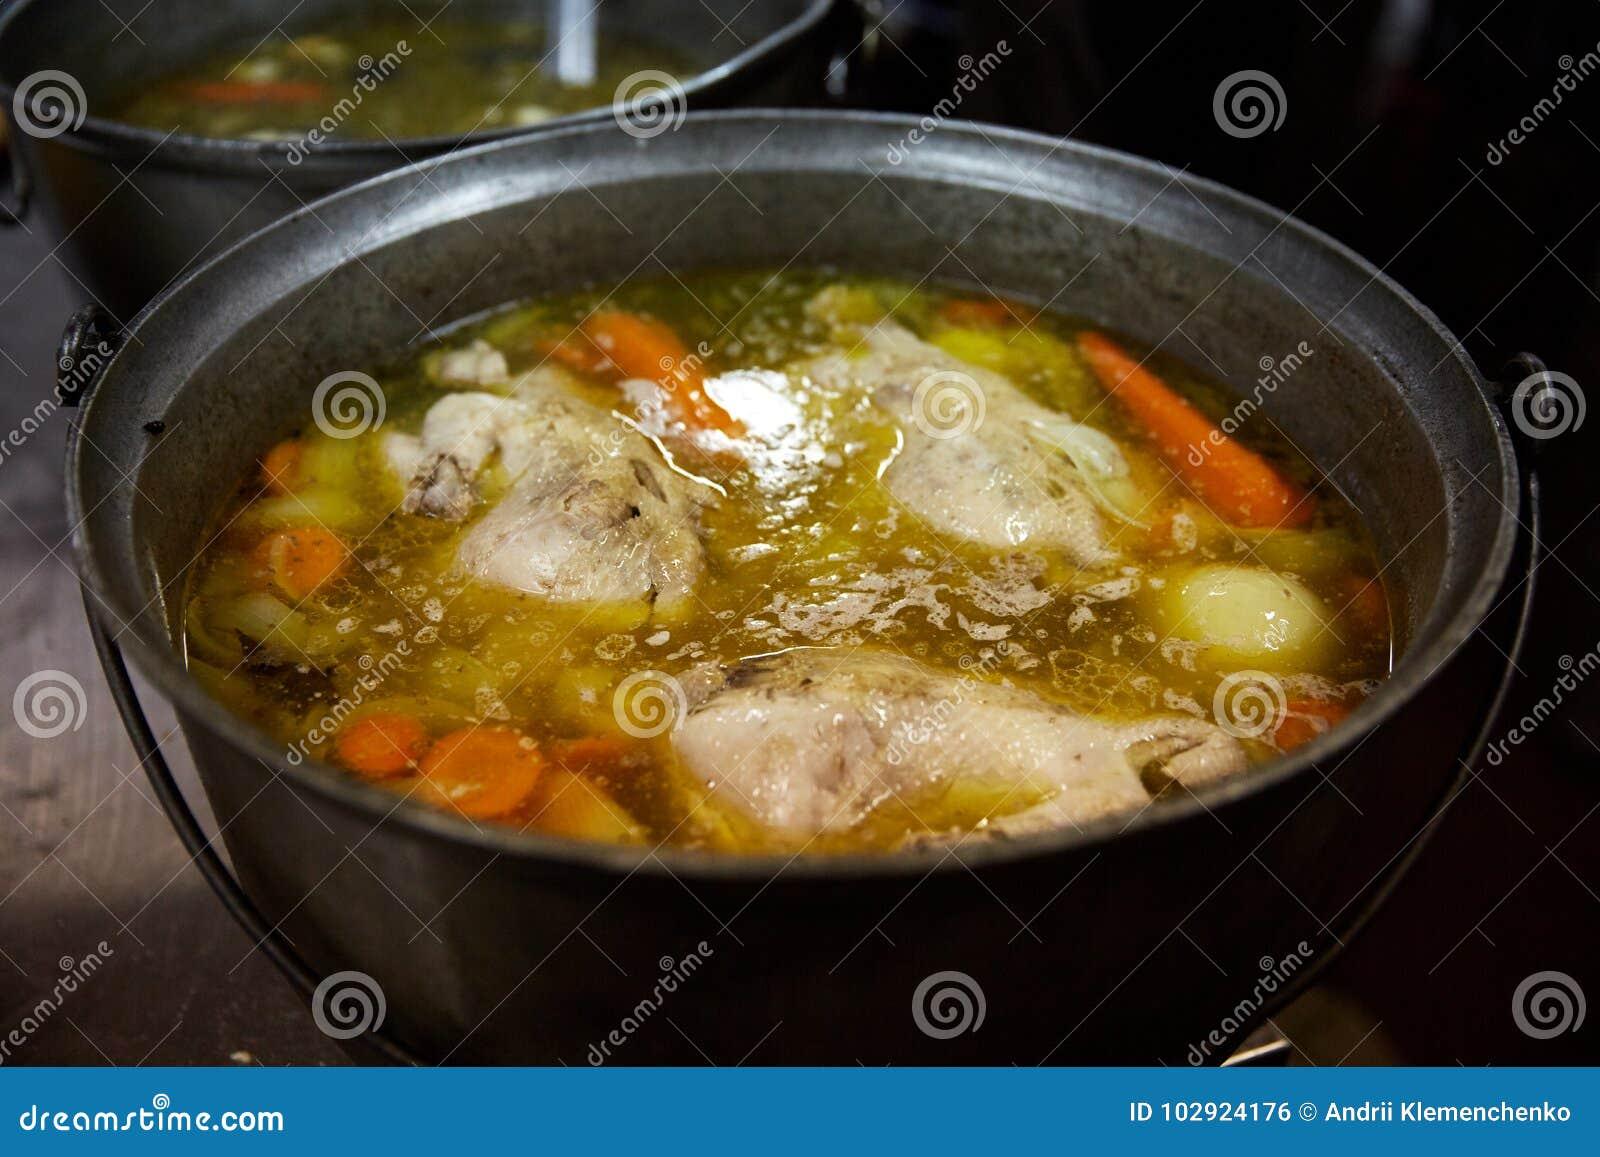 Suppe mit Gemüse wird auf dem Ofen in der Küche gekocht